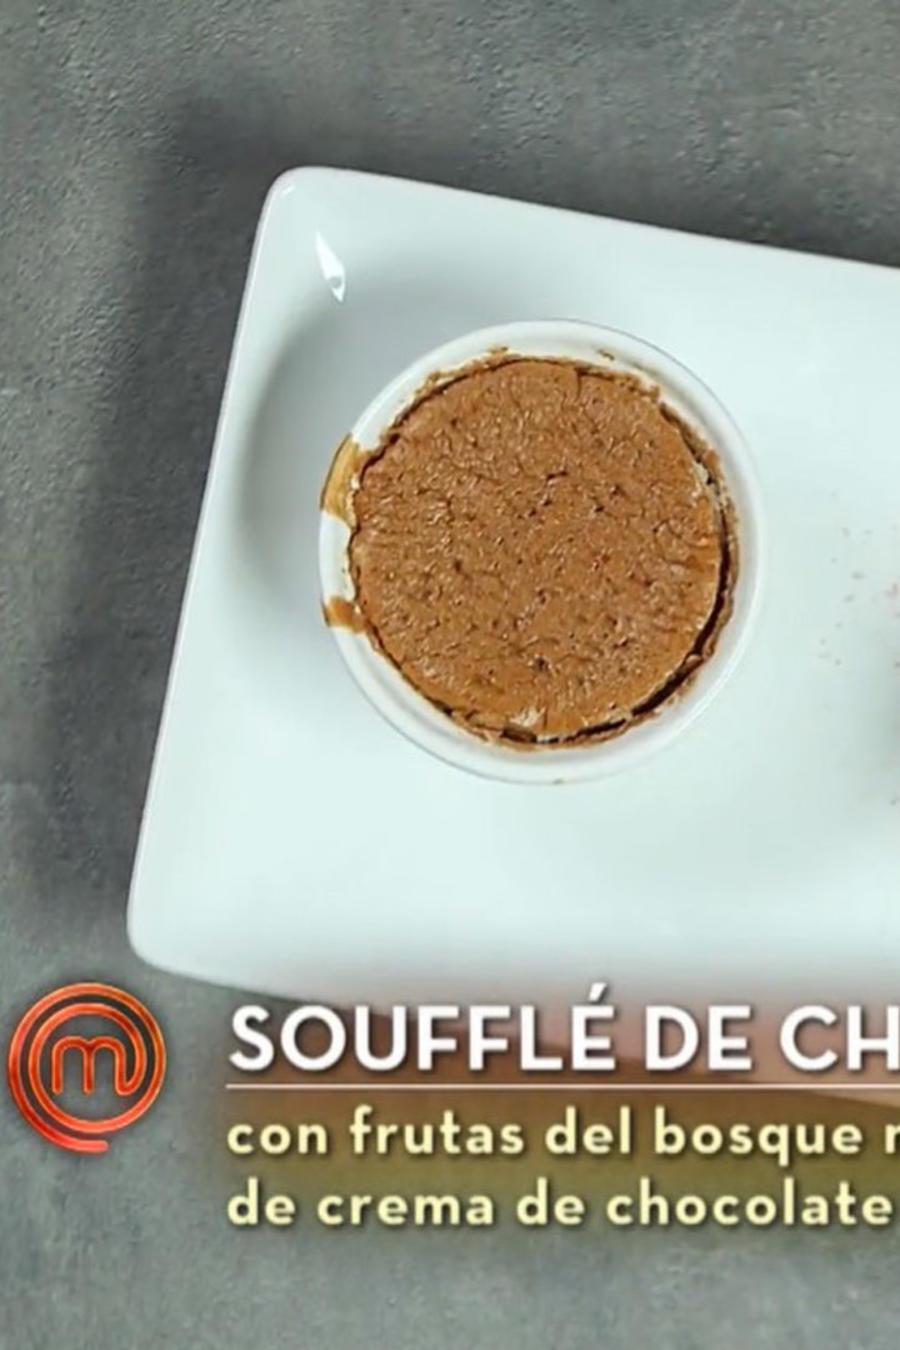 Soufflé de cacao orgánico de John Pardo en la gran final de MasterChef Latino 2